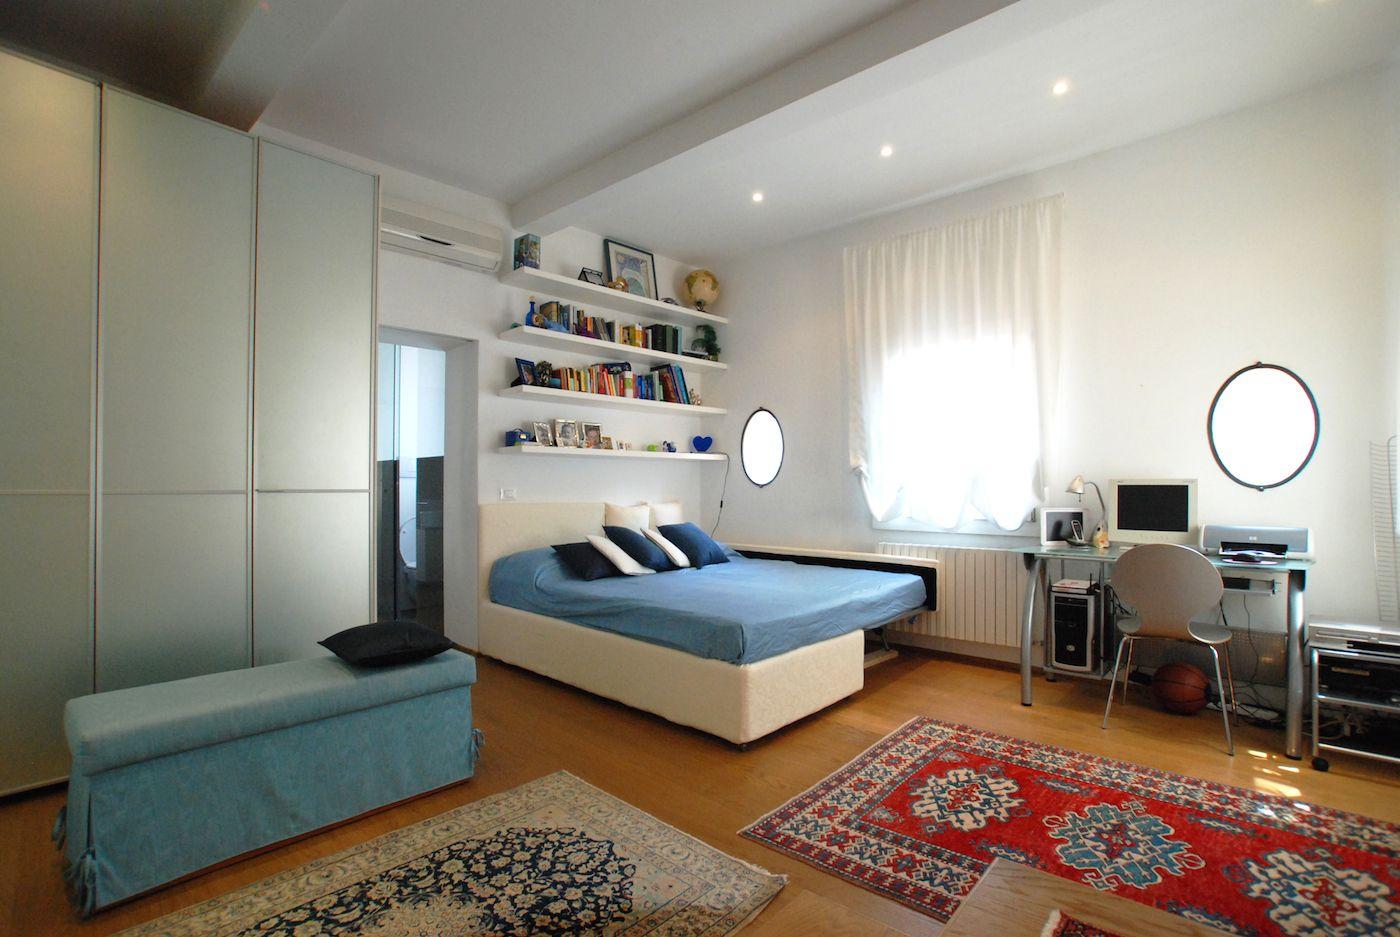 twin/double bedroom with en-suite bathroom